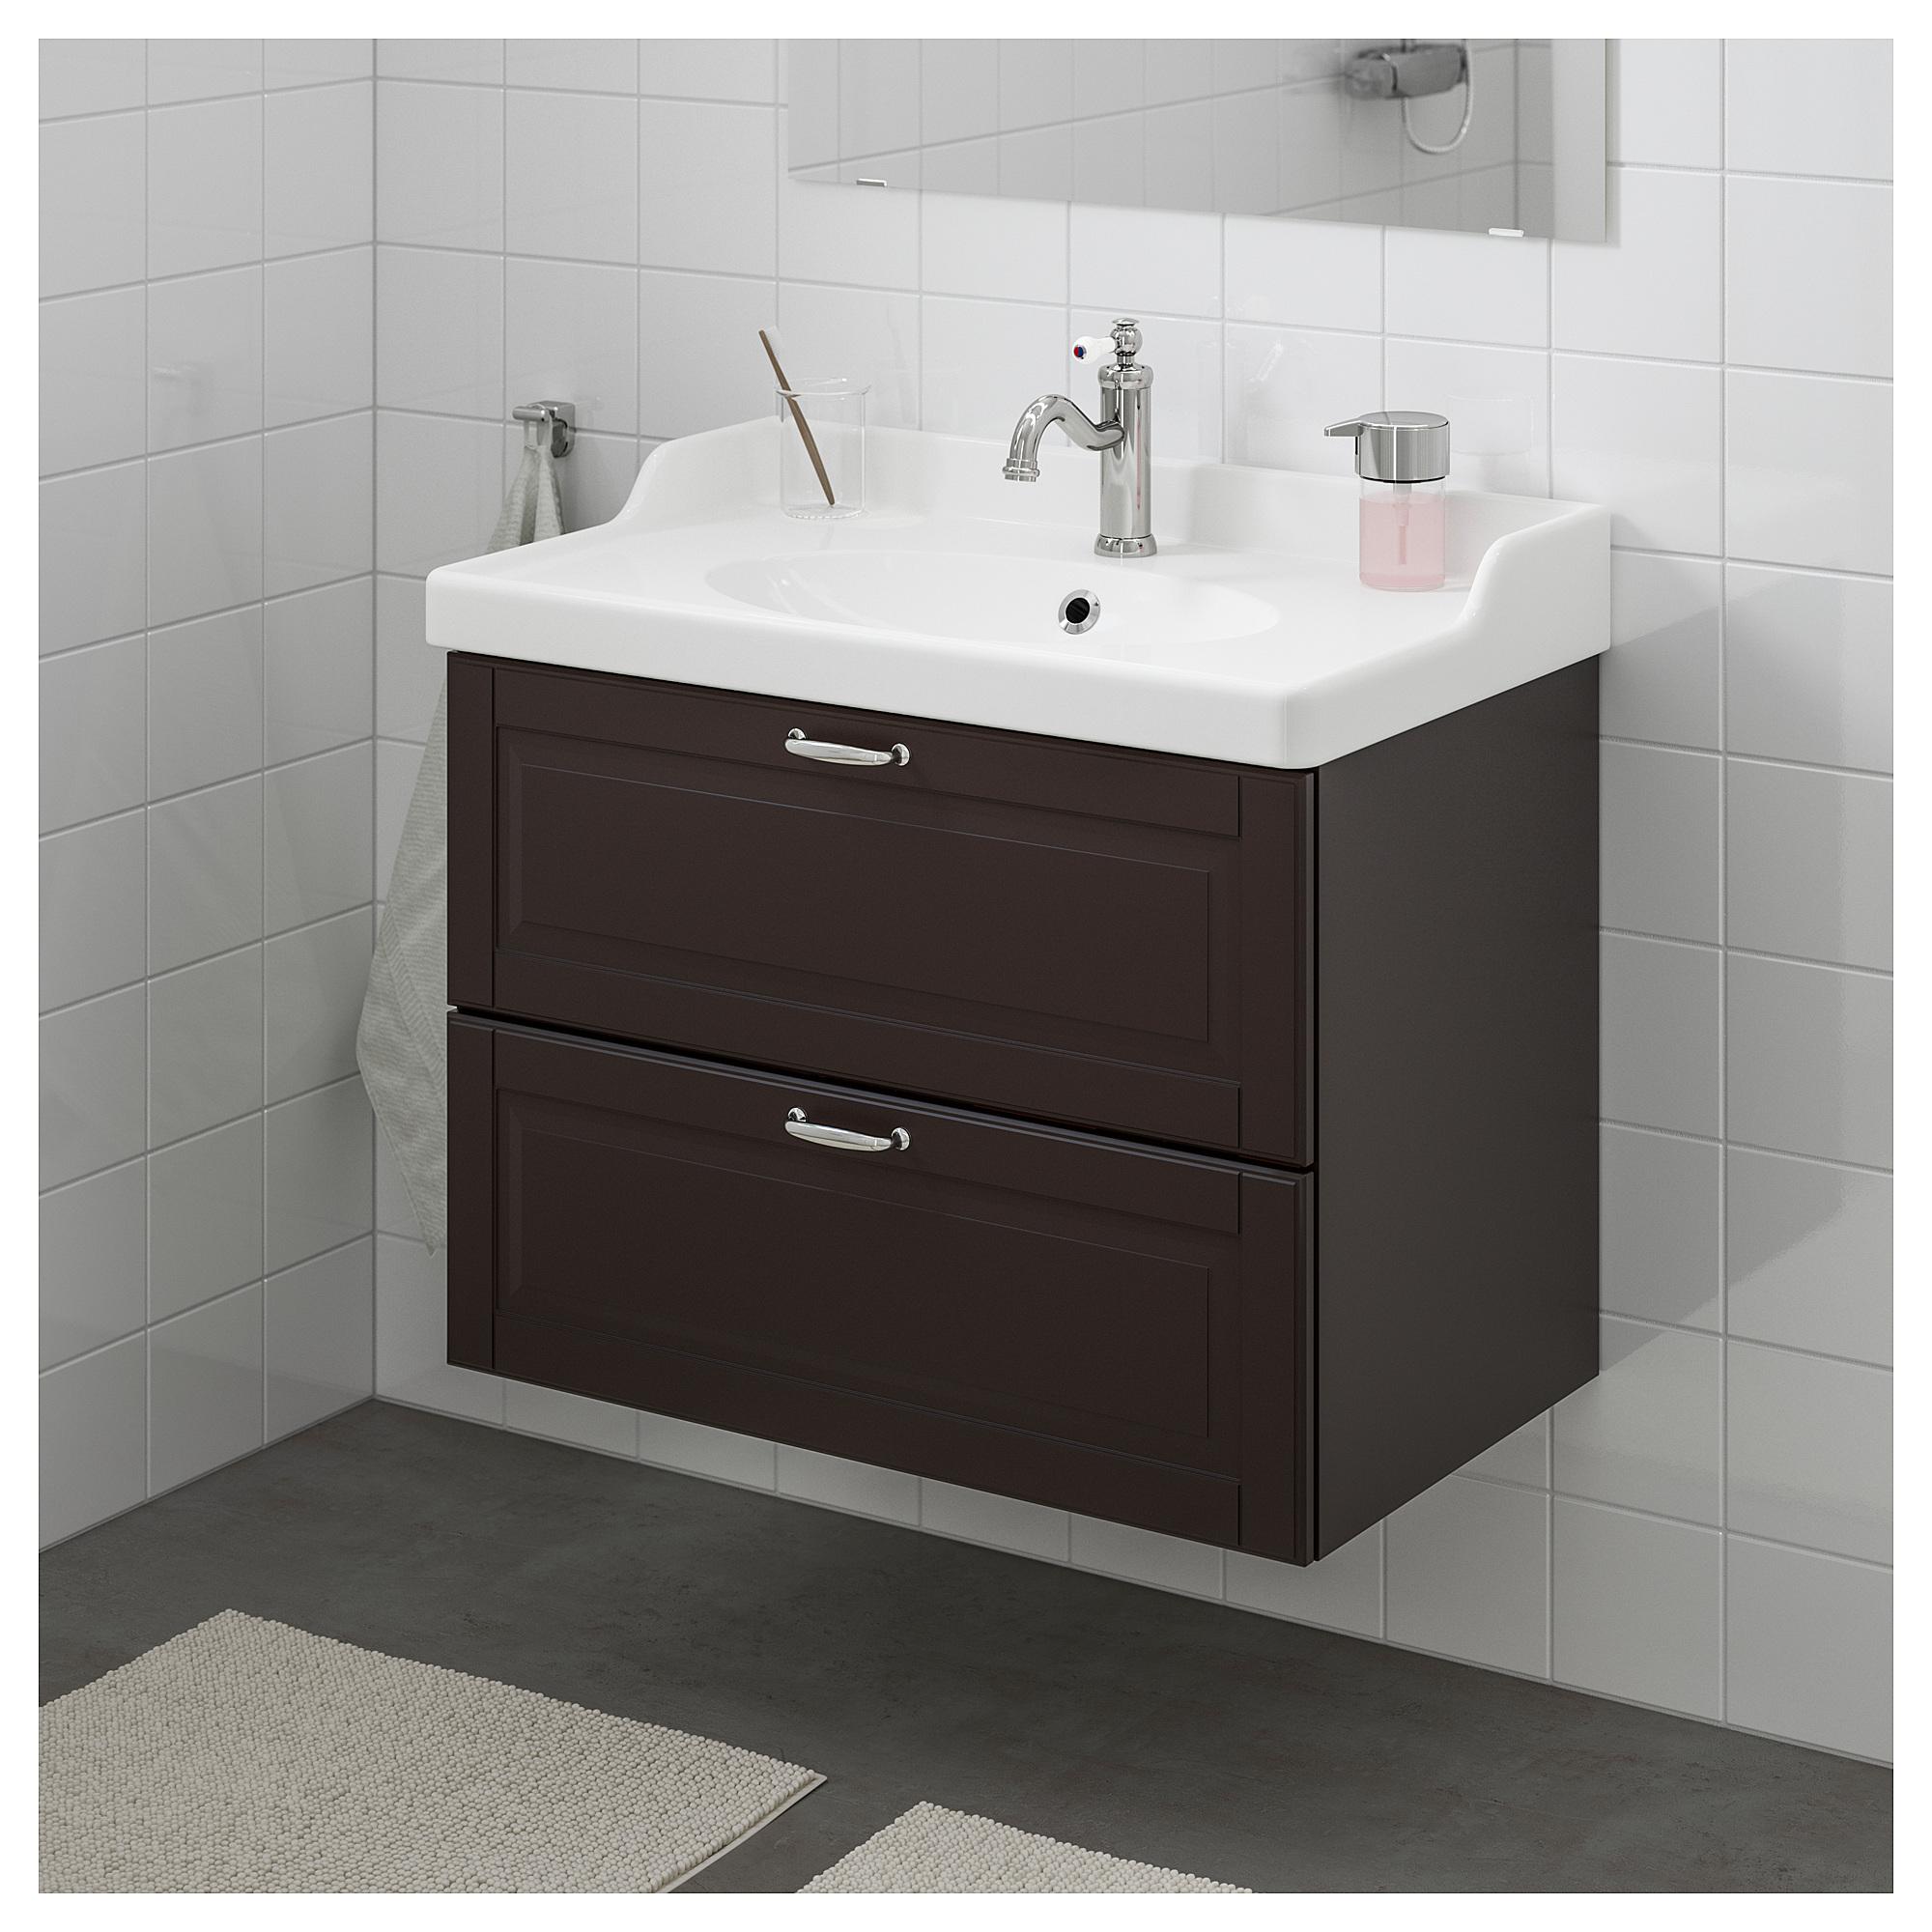 Шкаф для раковины с 2 ящиками ГОДМОРГОН / РЭТТВИКЕН темно-серый артикуль № 392.469.68 в наличии. Онлайн магазин IKEA РБ. Быстрая доставка и соборка.